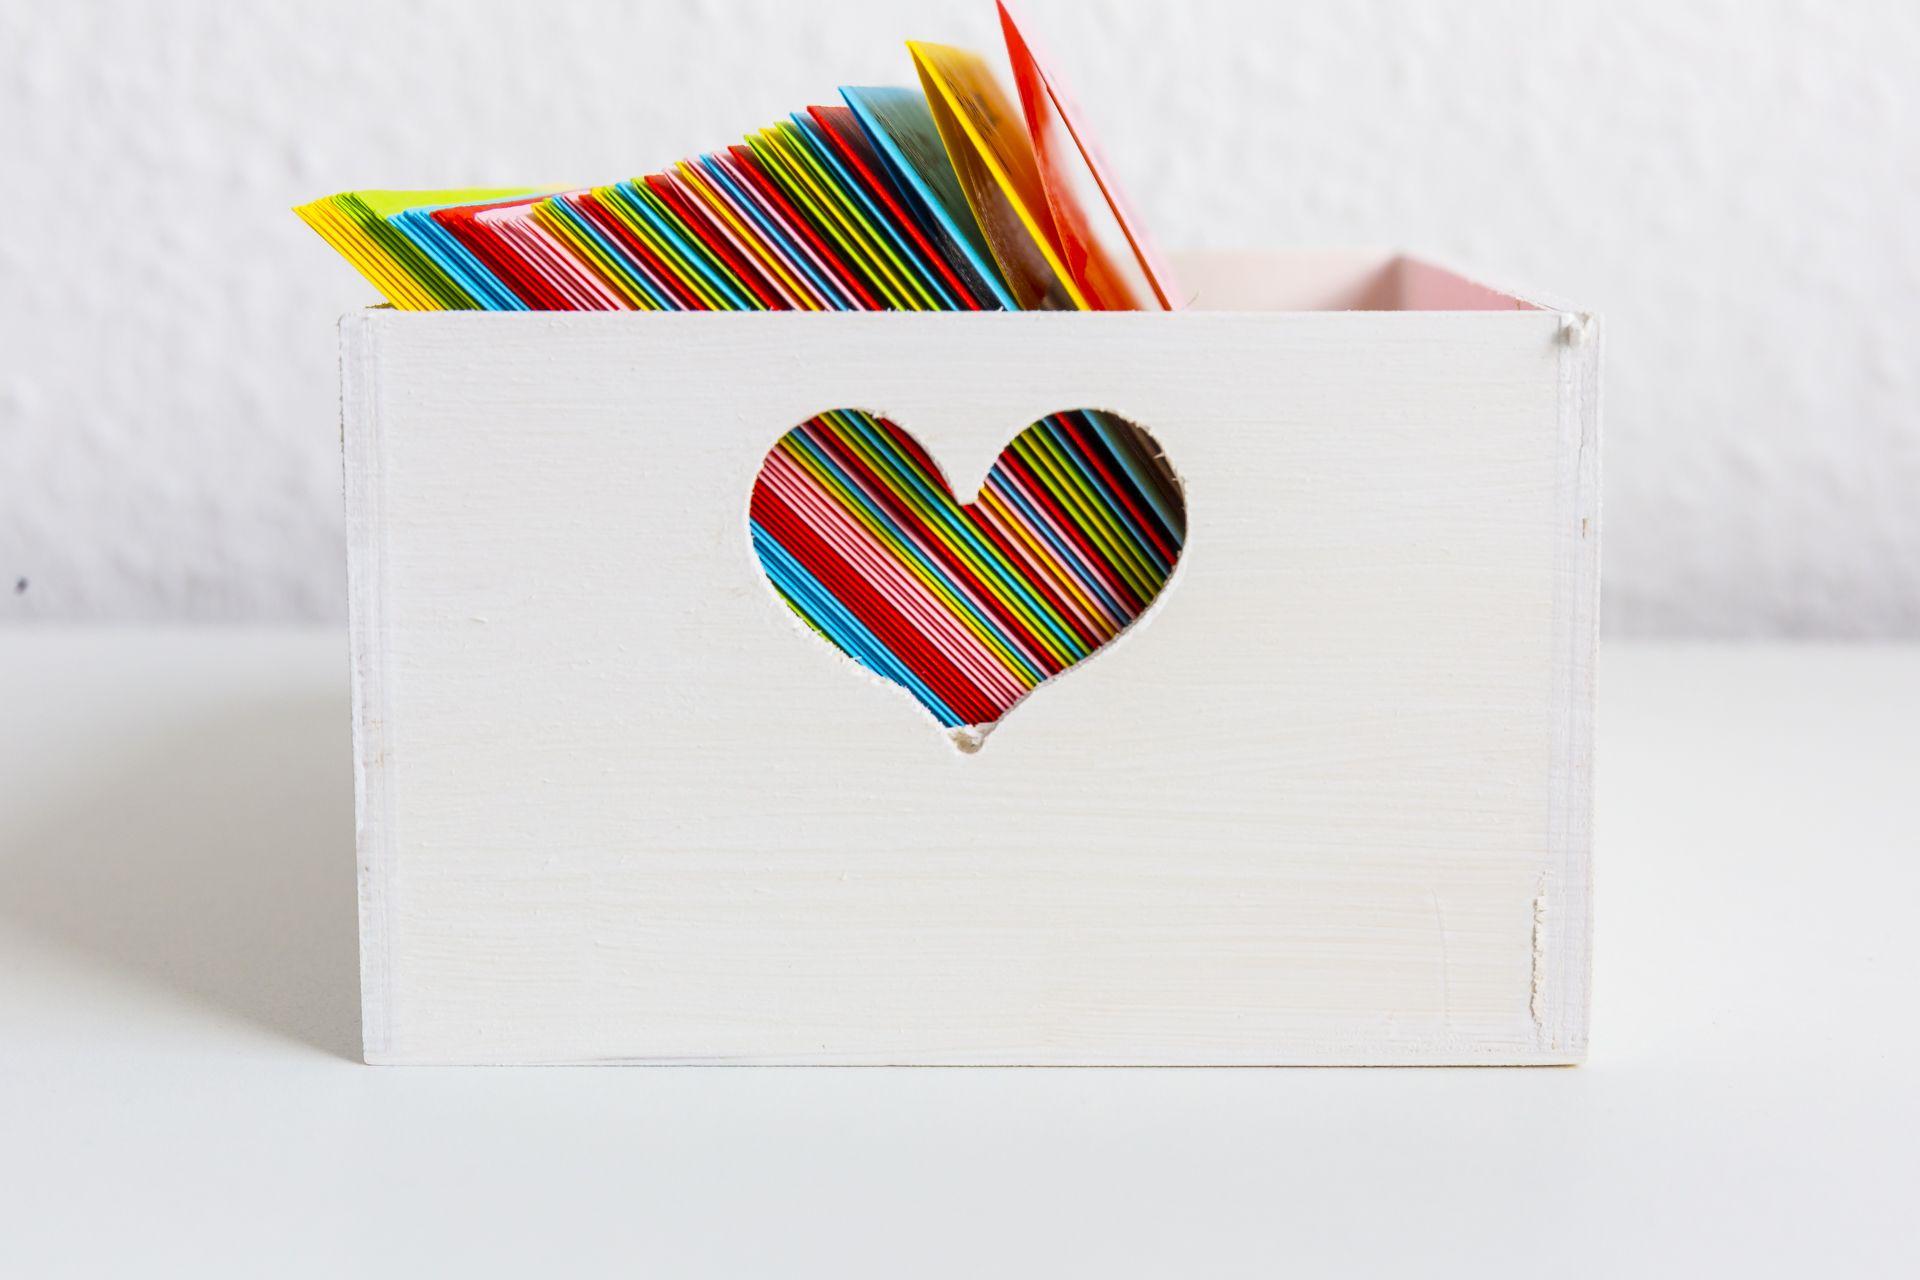 ffnen wenn briefe das perfekte geschenk zum valentinstag. Black Bedroom Furniture Sets. Home Design Ideas